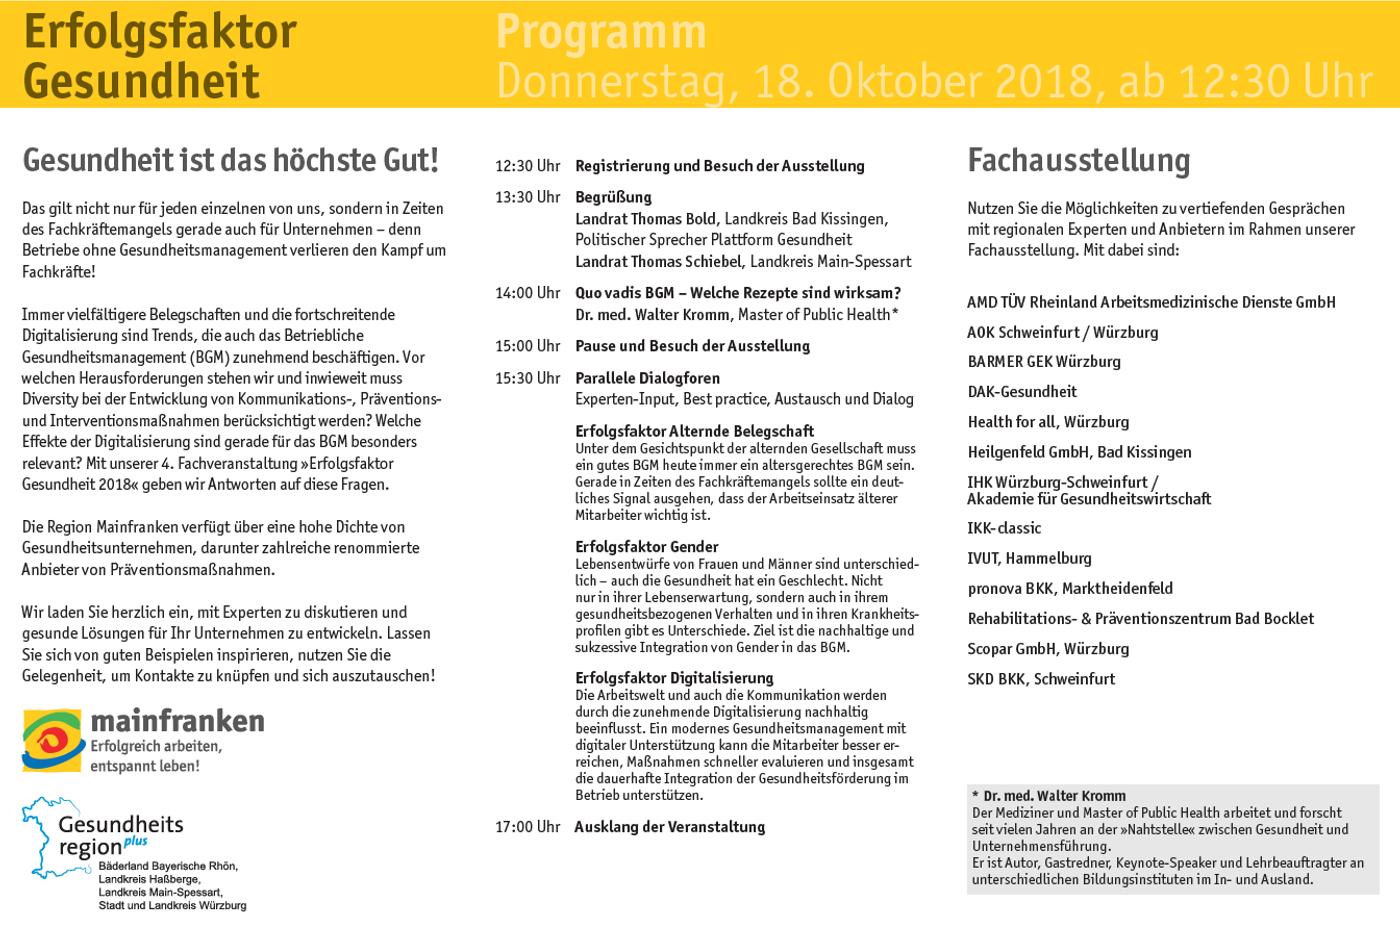 """18.10.2018: Besuchen Sie SCOPAR bei der Fachausstellung """"Erfolgsfaktor Gesundheit 2018"""""""